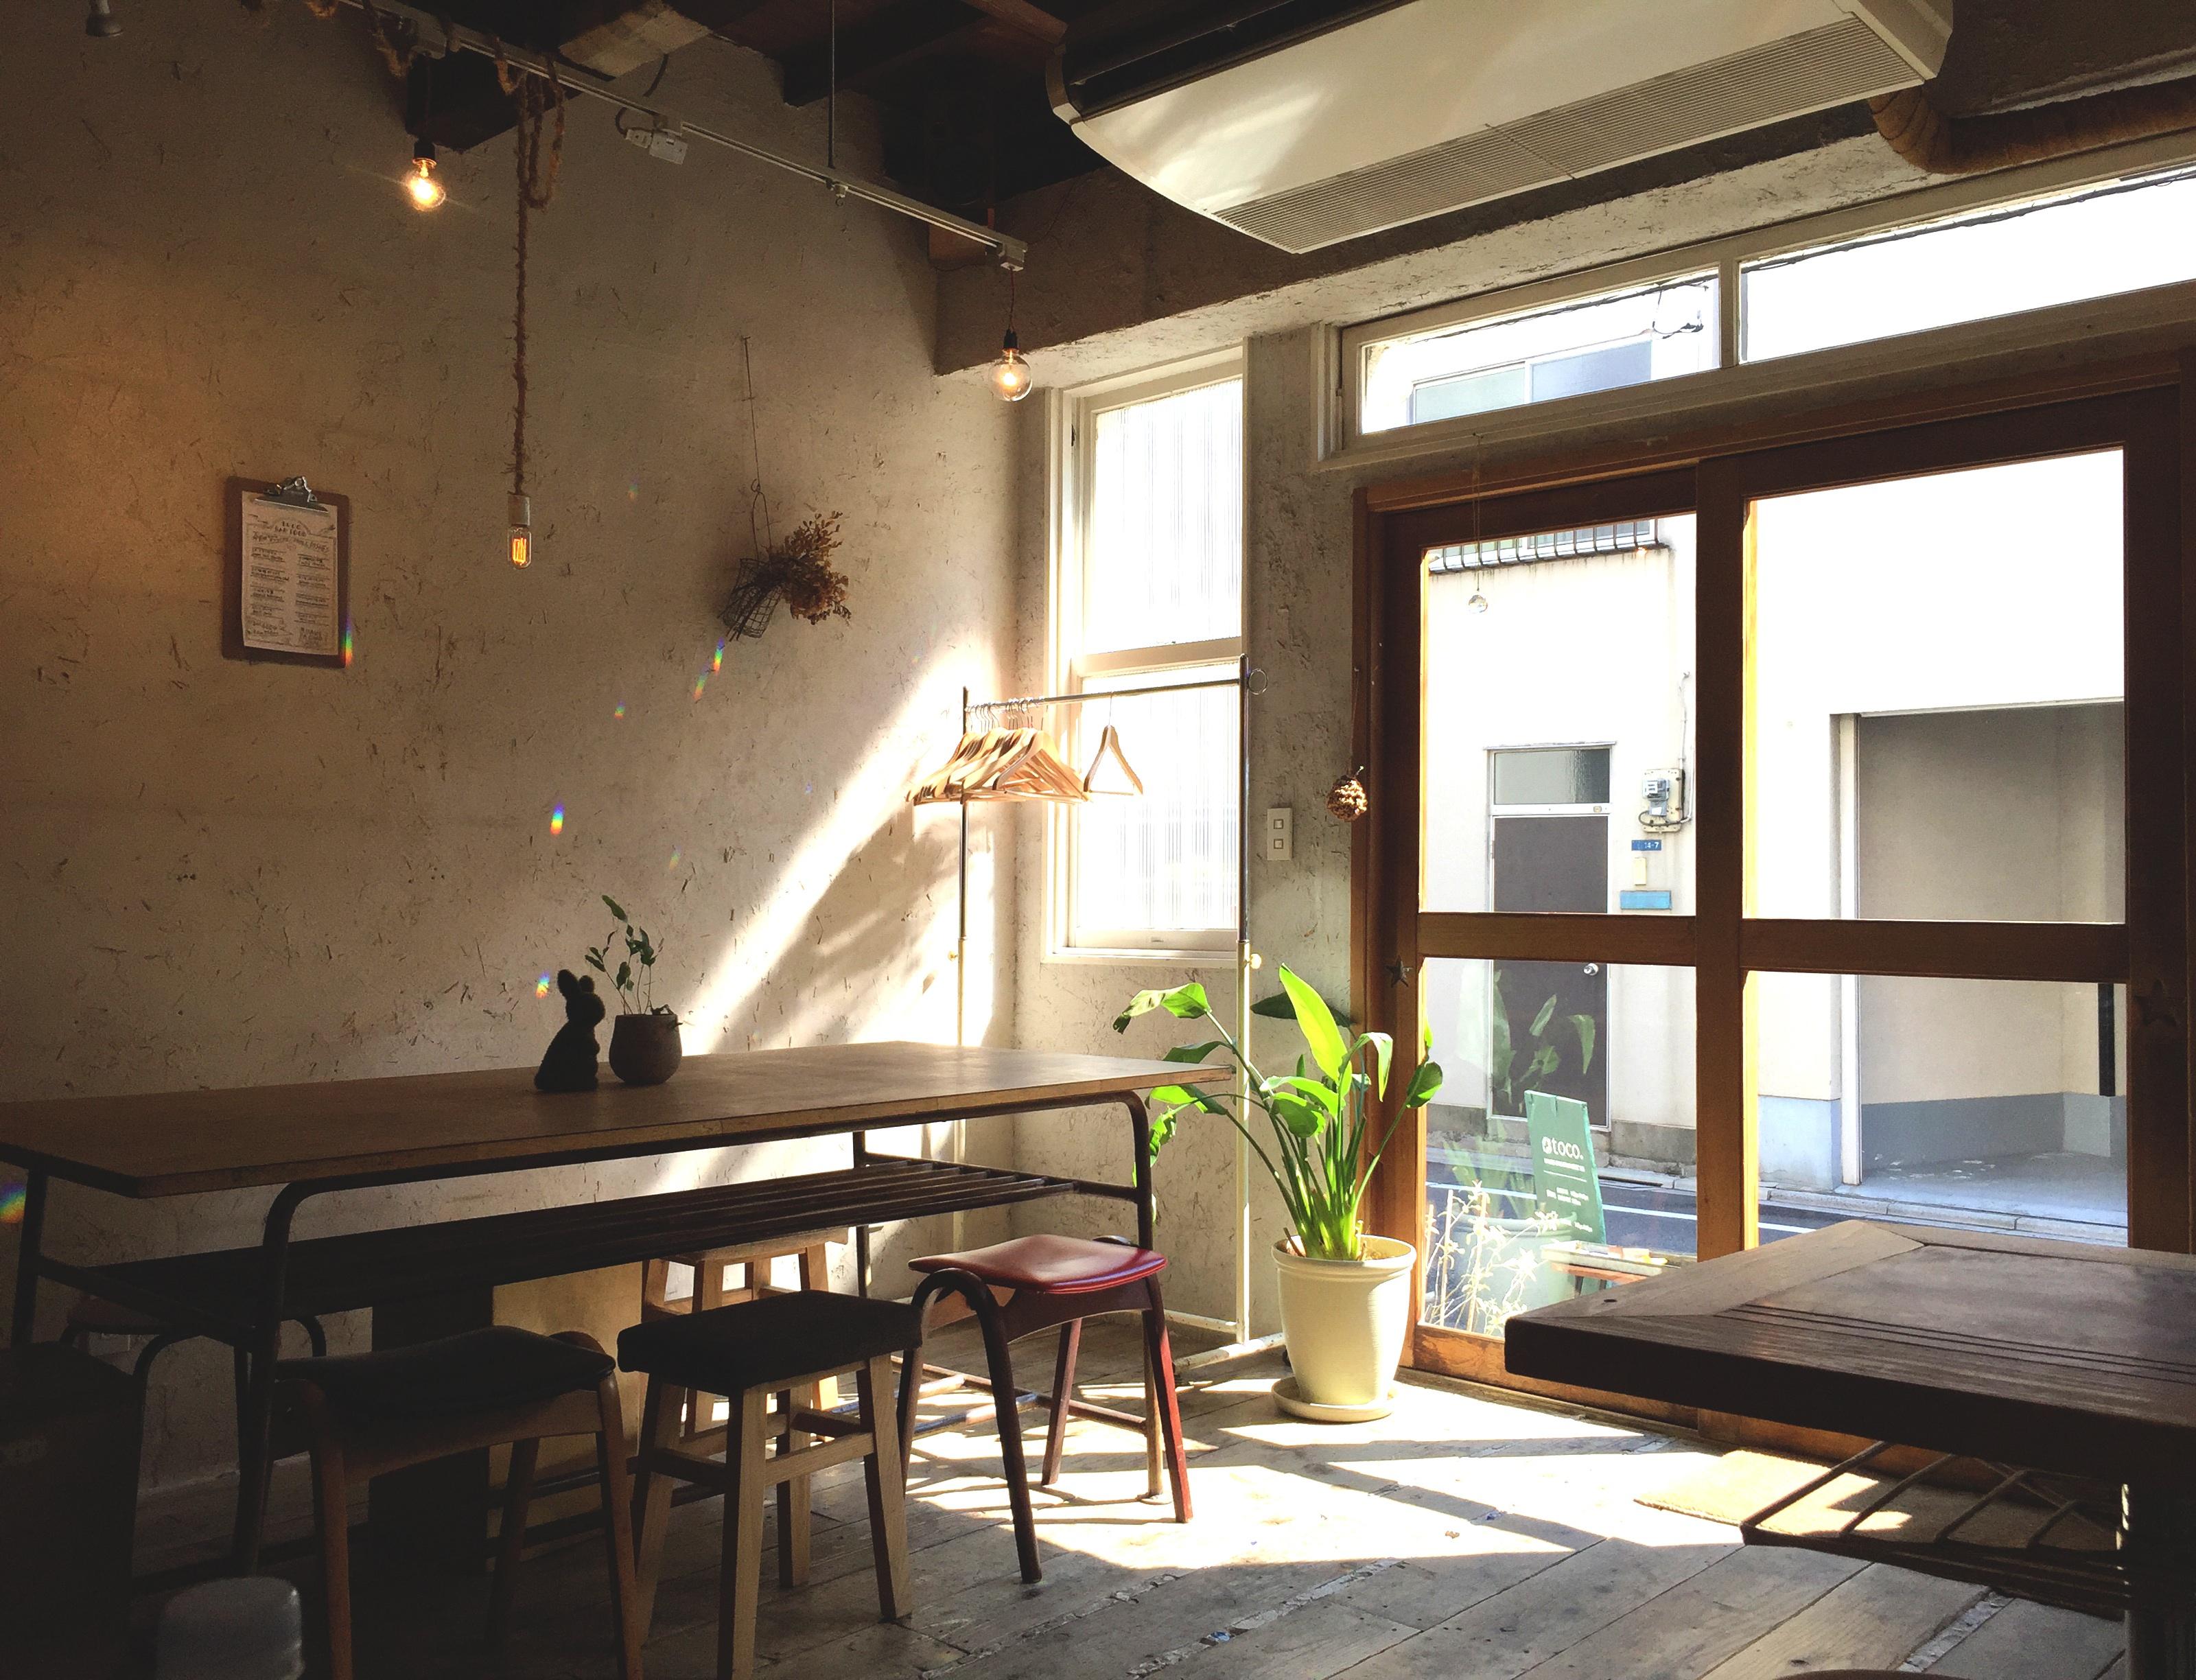 bilder mit beleuchtung bilder mit beleuchtung kaufen. Black Bedroom Furniture Sets. Home Design Ideas